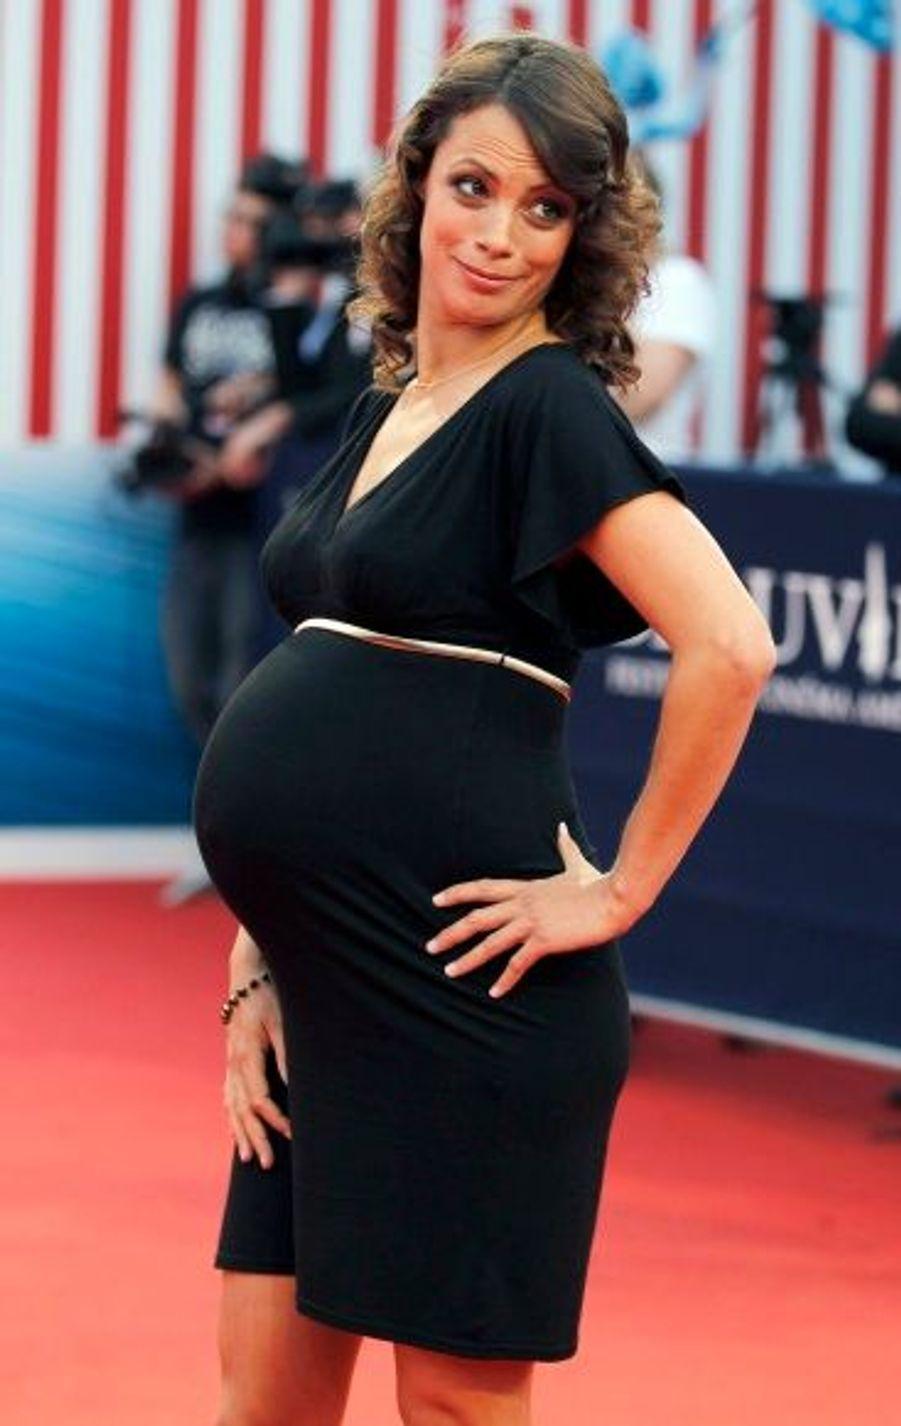 En couple avec Michel Hazanavicius, la comédienne française est maman de deux enfants: Lucien, né en 2008, et Gloria, née le 18 septembre dernier.